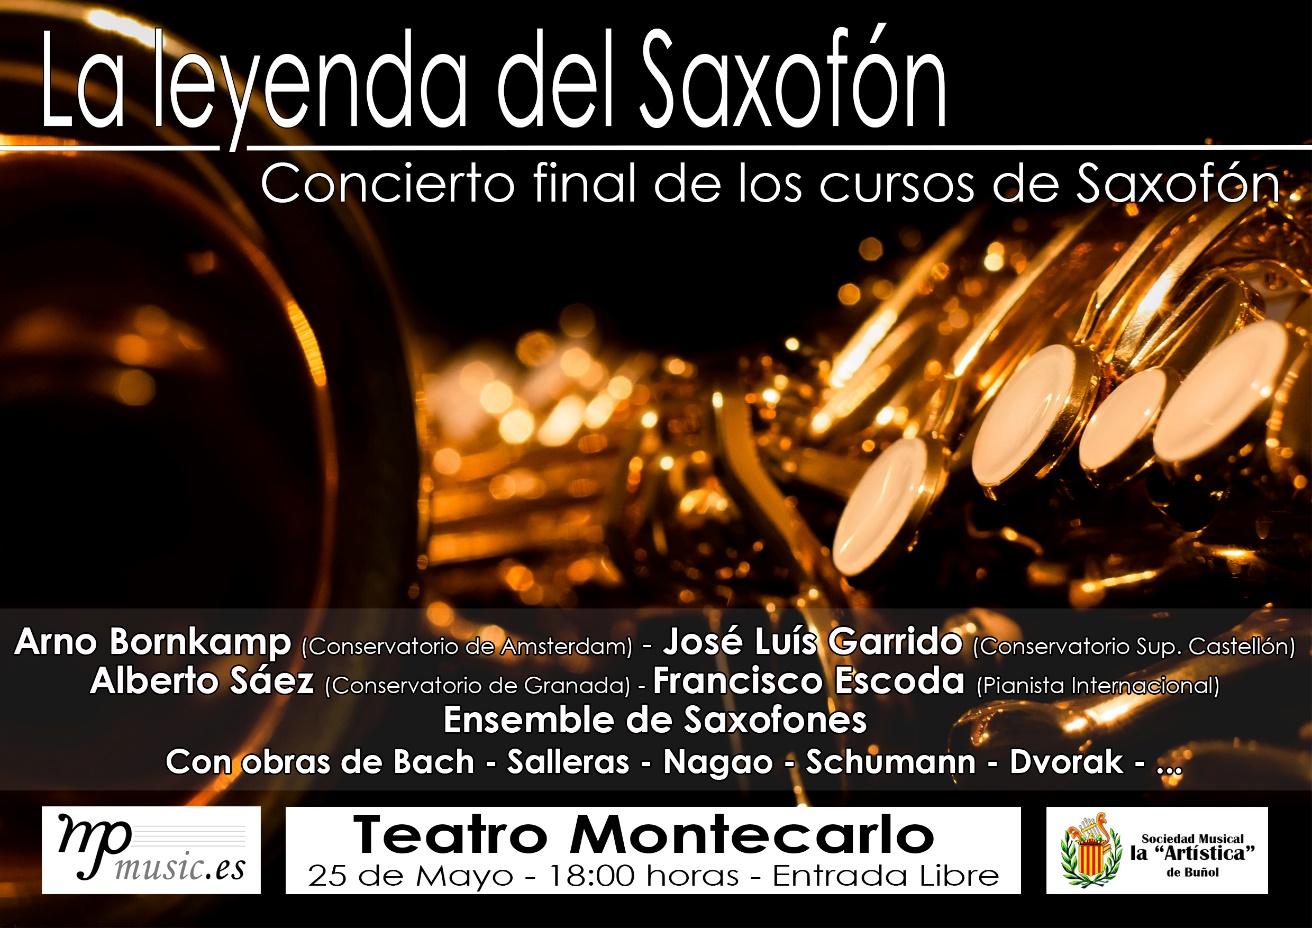 """El concierto """"La leyenda del saxofón"""" tendrá como estrella principal a Arno Bornkamp (profesor del Conservatorio de Amsterdam)."""